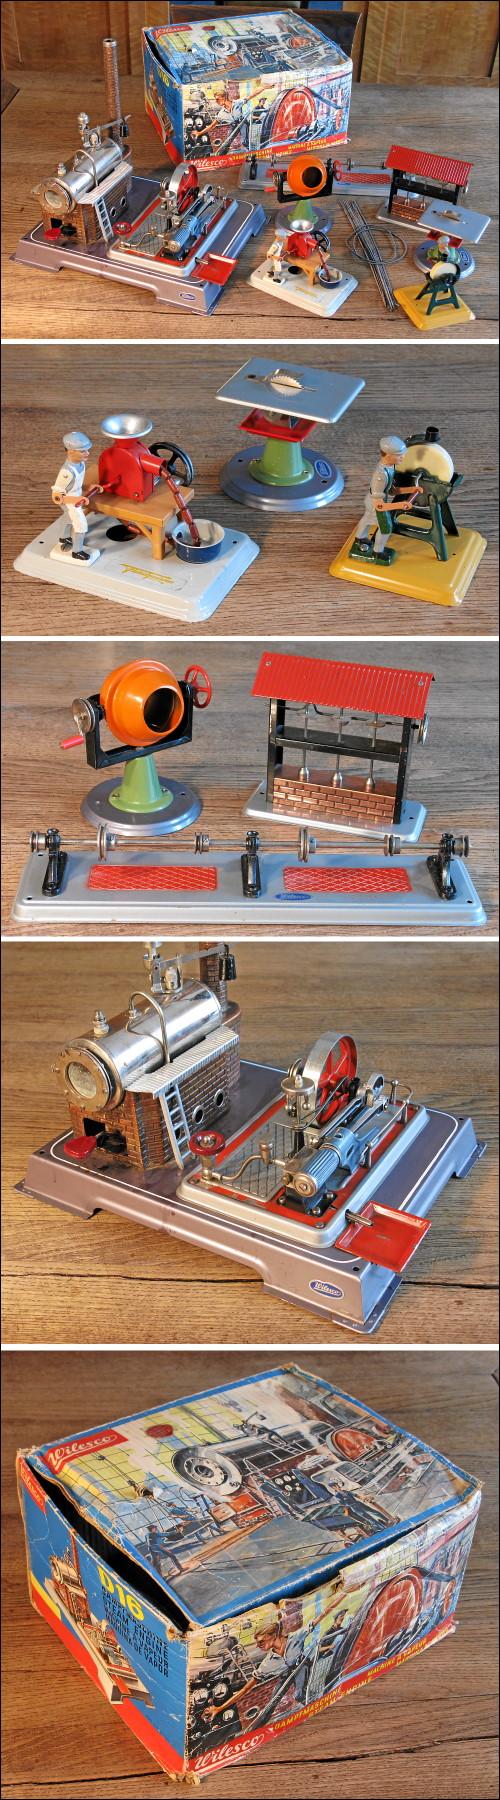 Dampfmaschine Wilesco D16 samt Zubehör